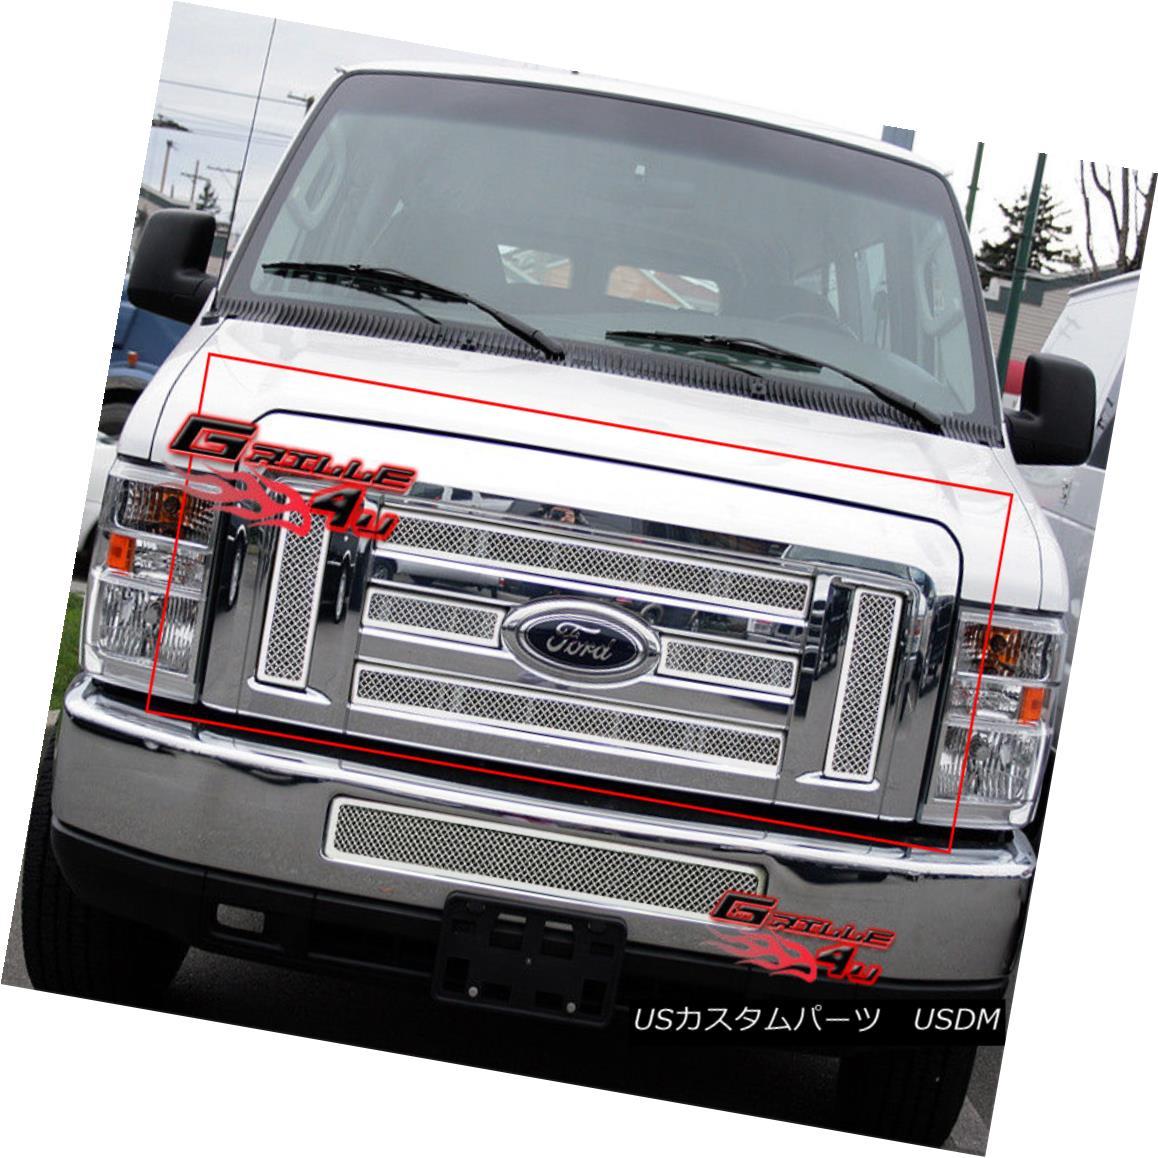 グリル For 08-11 Ford Econoline Van/E-Series Stainless Mesh Grille 08-11 Ford Econoline Van / Eシリーズステンレスメッシュグリル